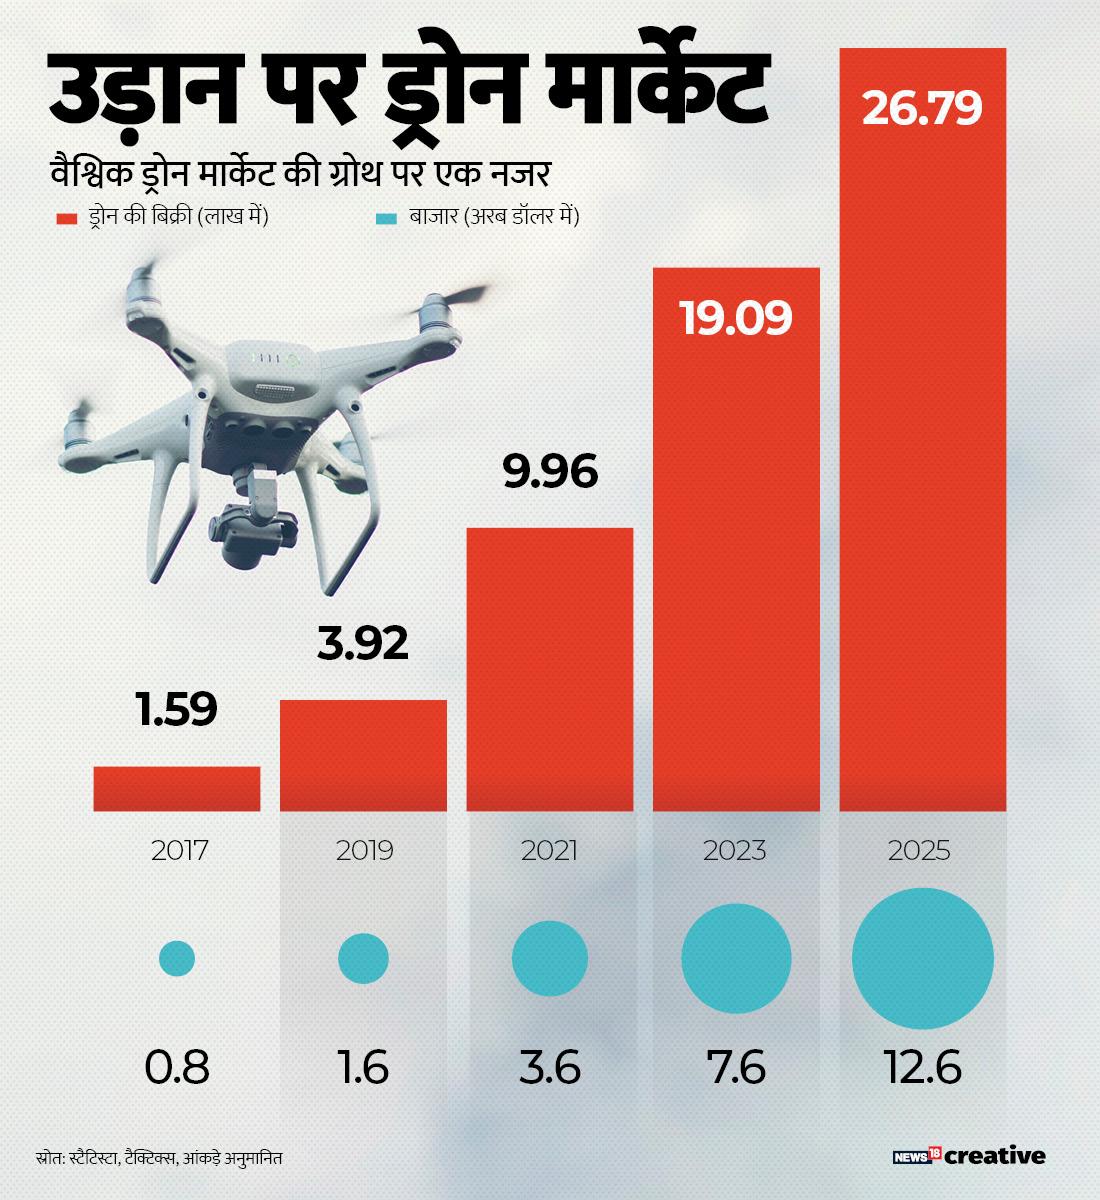 दुनियाभर में ड्रोन के मार्केट पर नजर डालें तो 2019 में 72 अरब रुपए से ज्यादा का बाजार है. अनुमान है ये 2025 तक 900 अरब से ज्यादा का बाजार बन जाएगा.